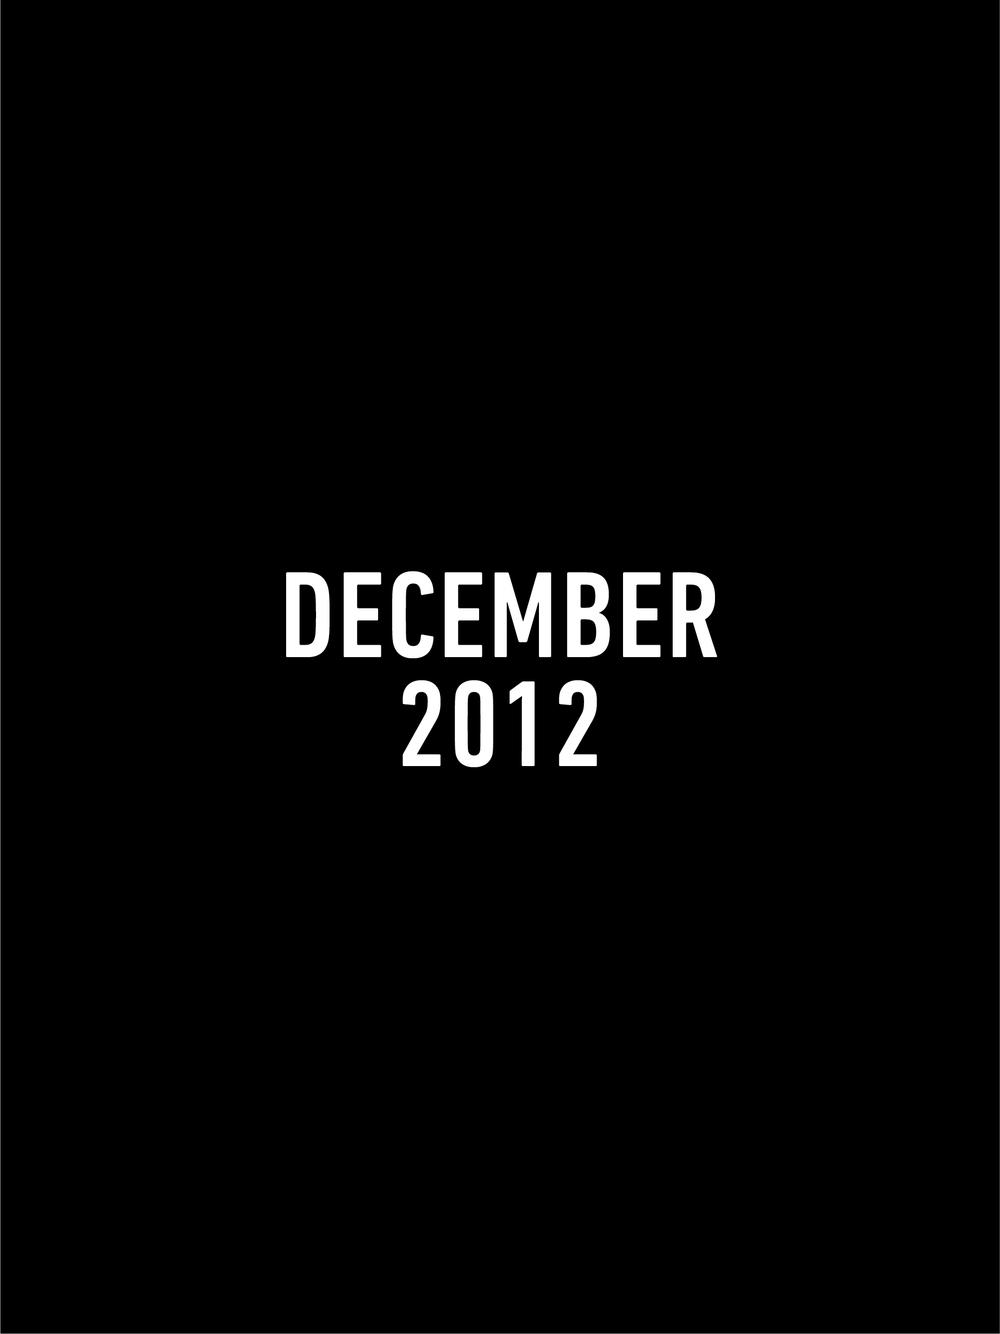 2012 months12.jpg